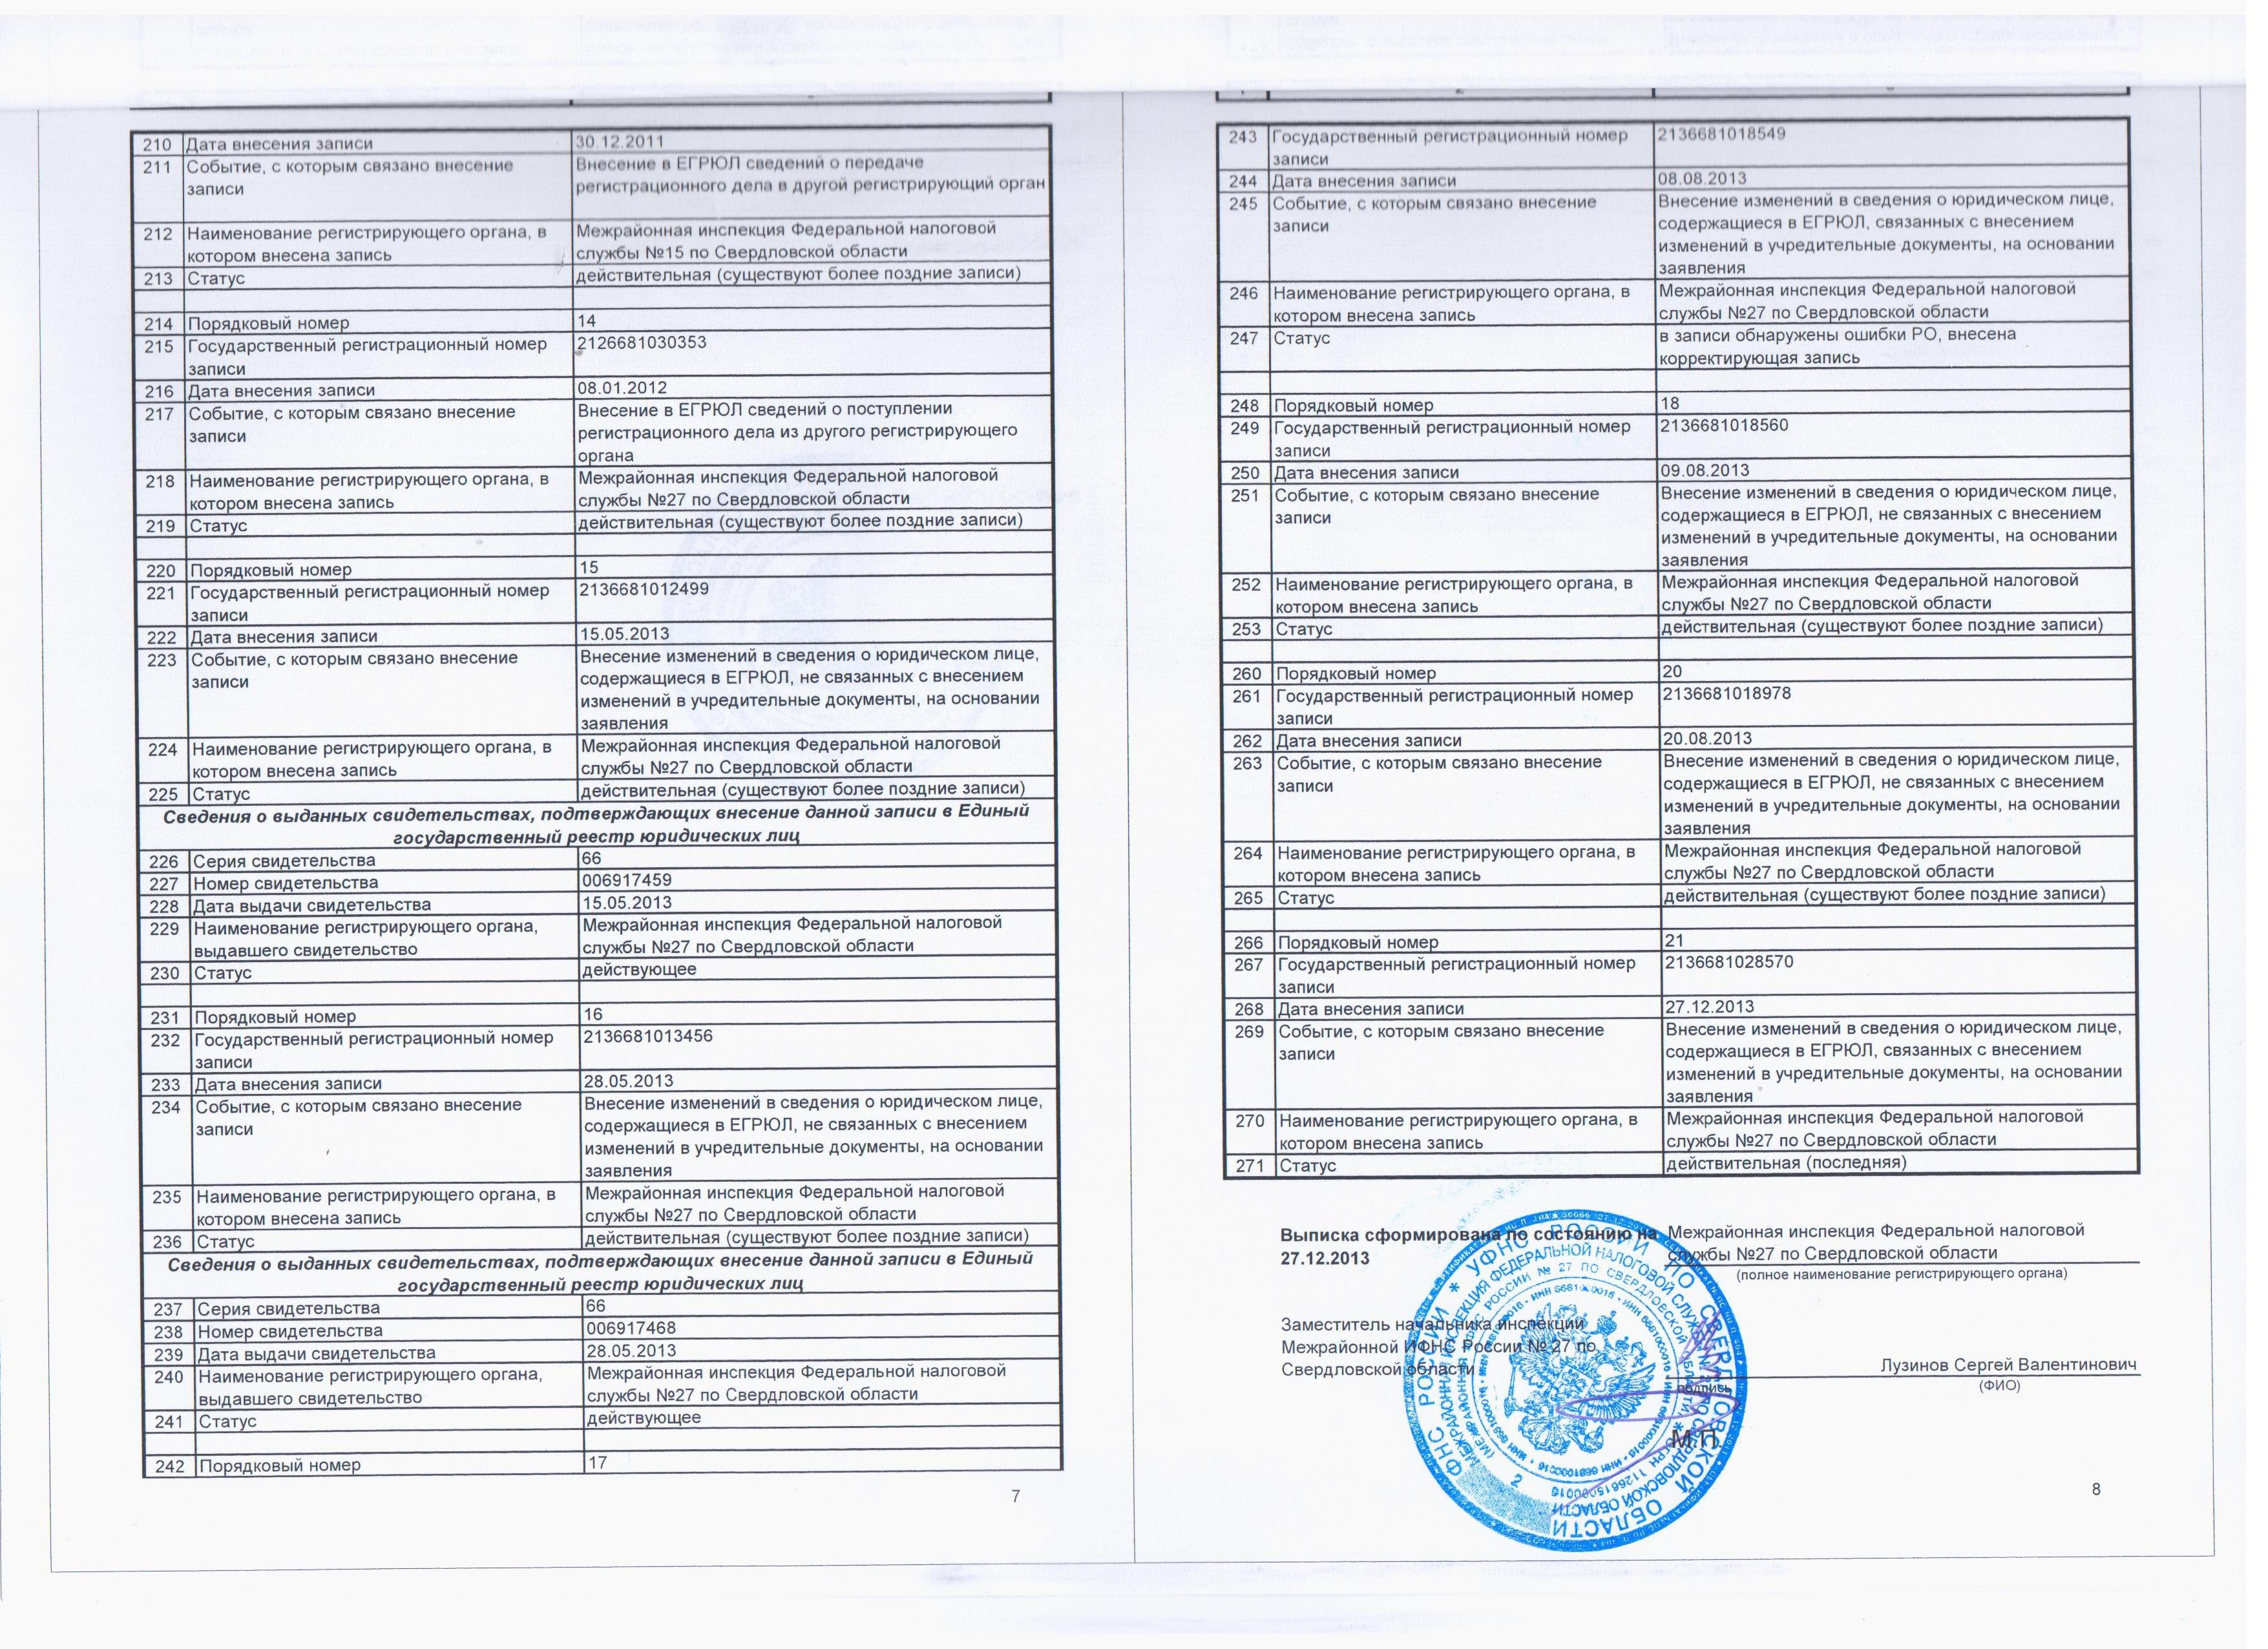 Заявление связанные с внесением изменений в учредительные документы